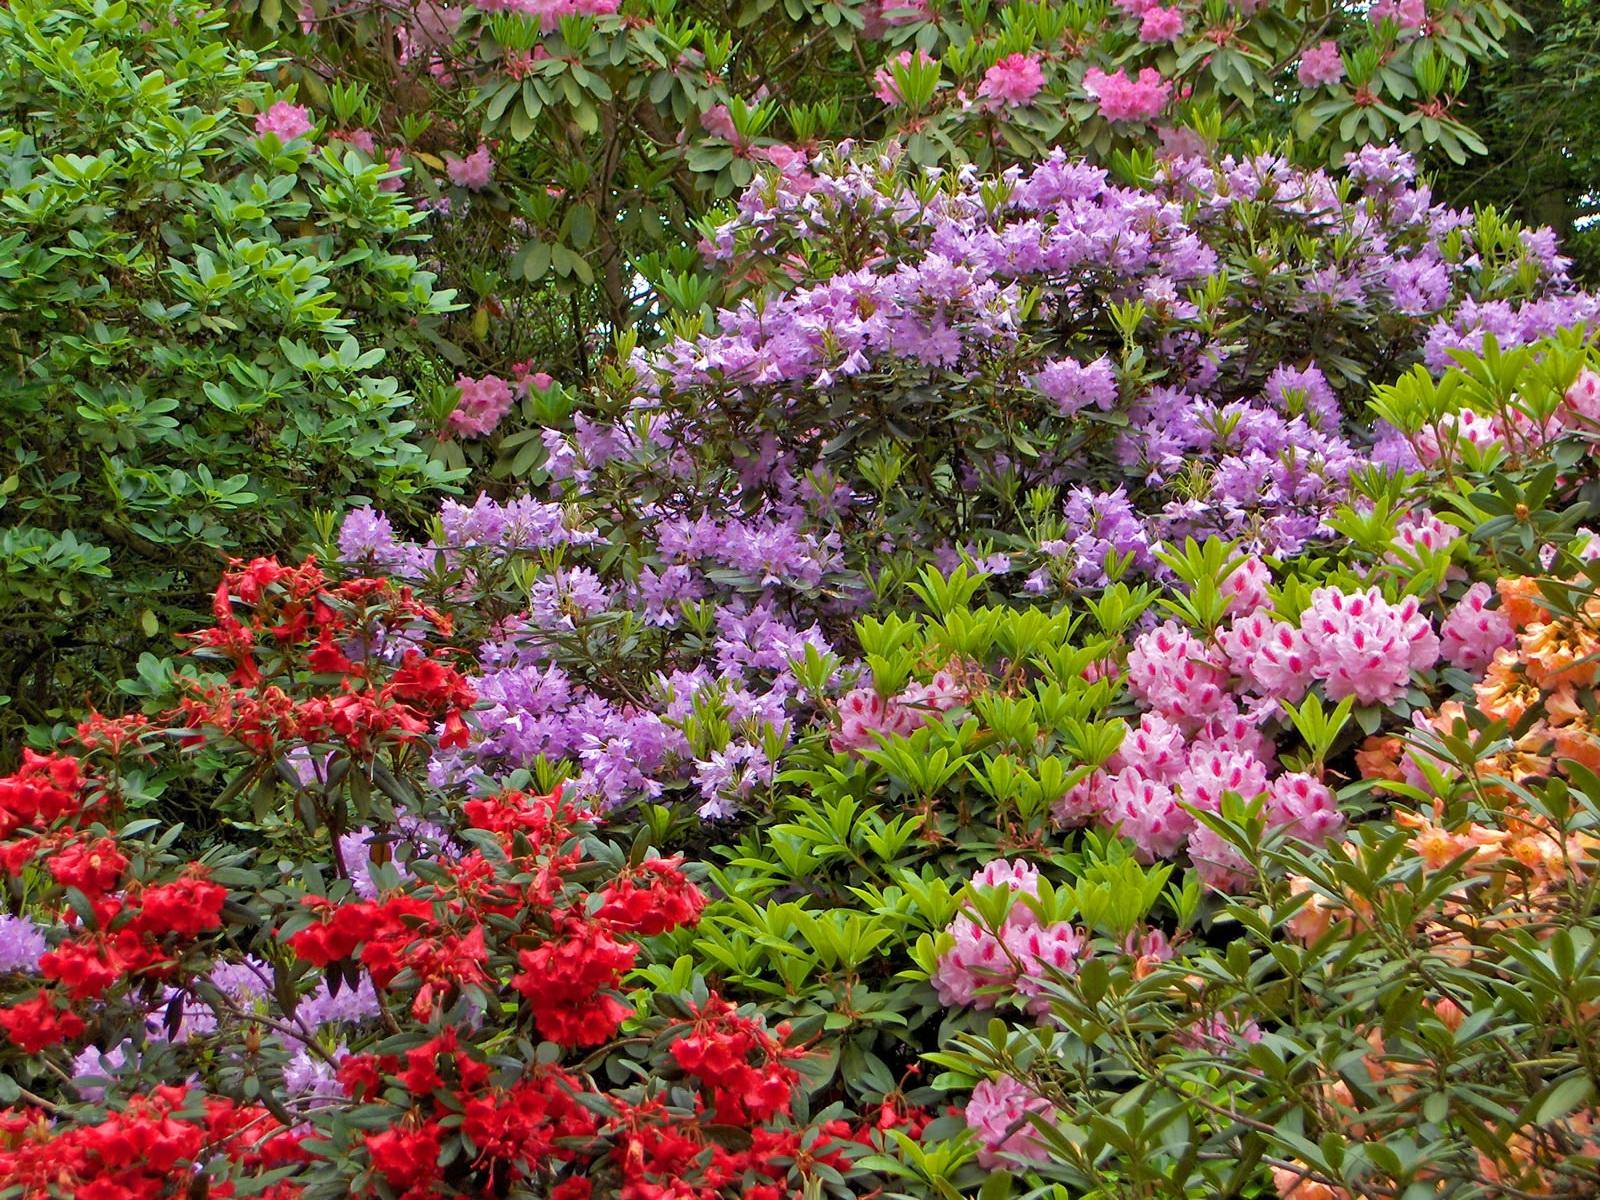 Fondos de pantalla flores jard n parque verde - Arbustos perennes con flor ...